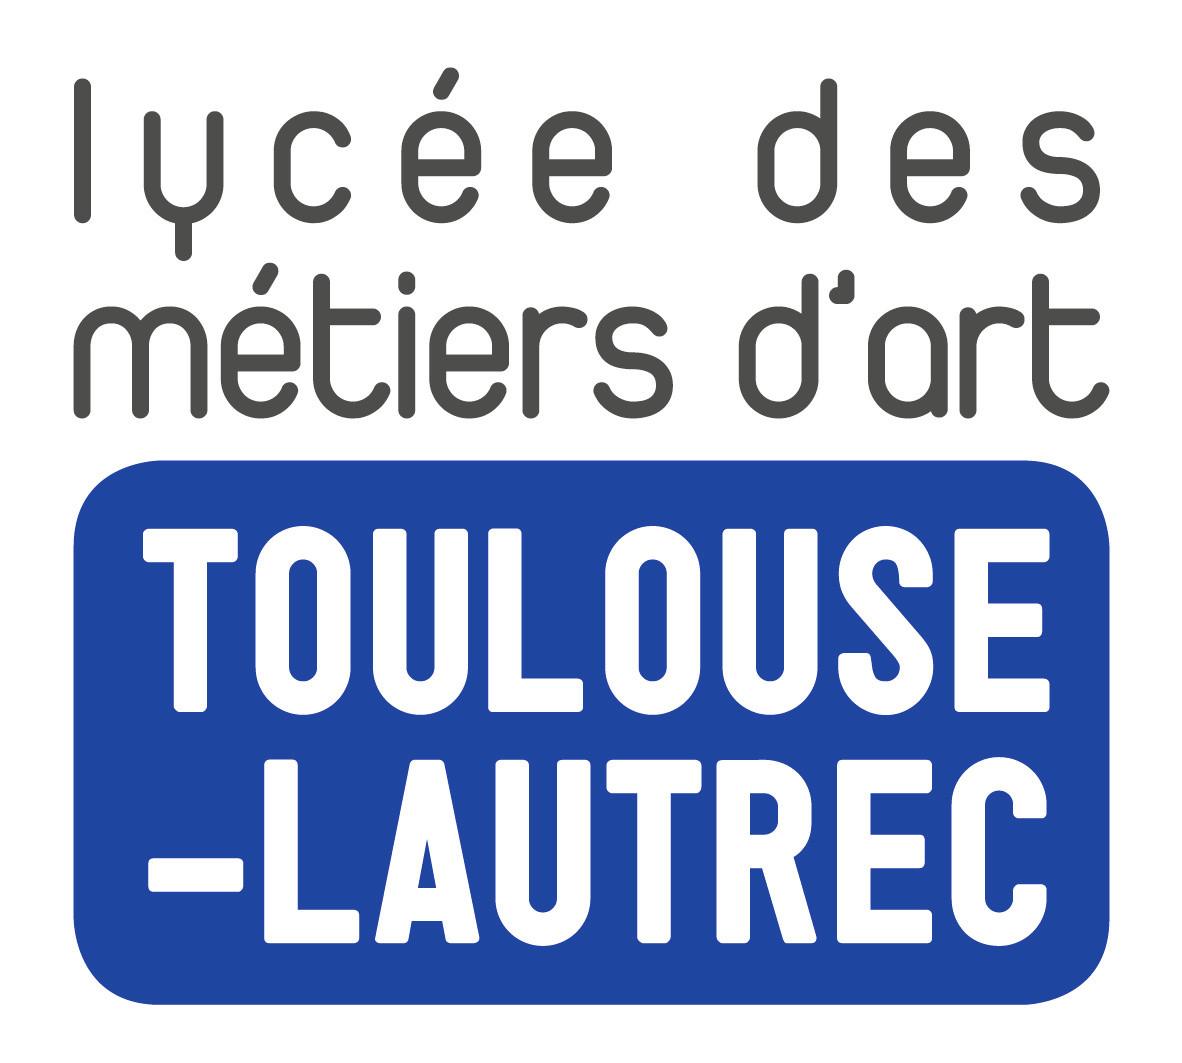 Formation Tapissier D Ameublement Toulouse formations - lycée des métiers d'art toulouse-lautrec | bordeaux